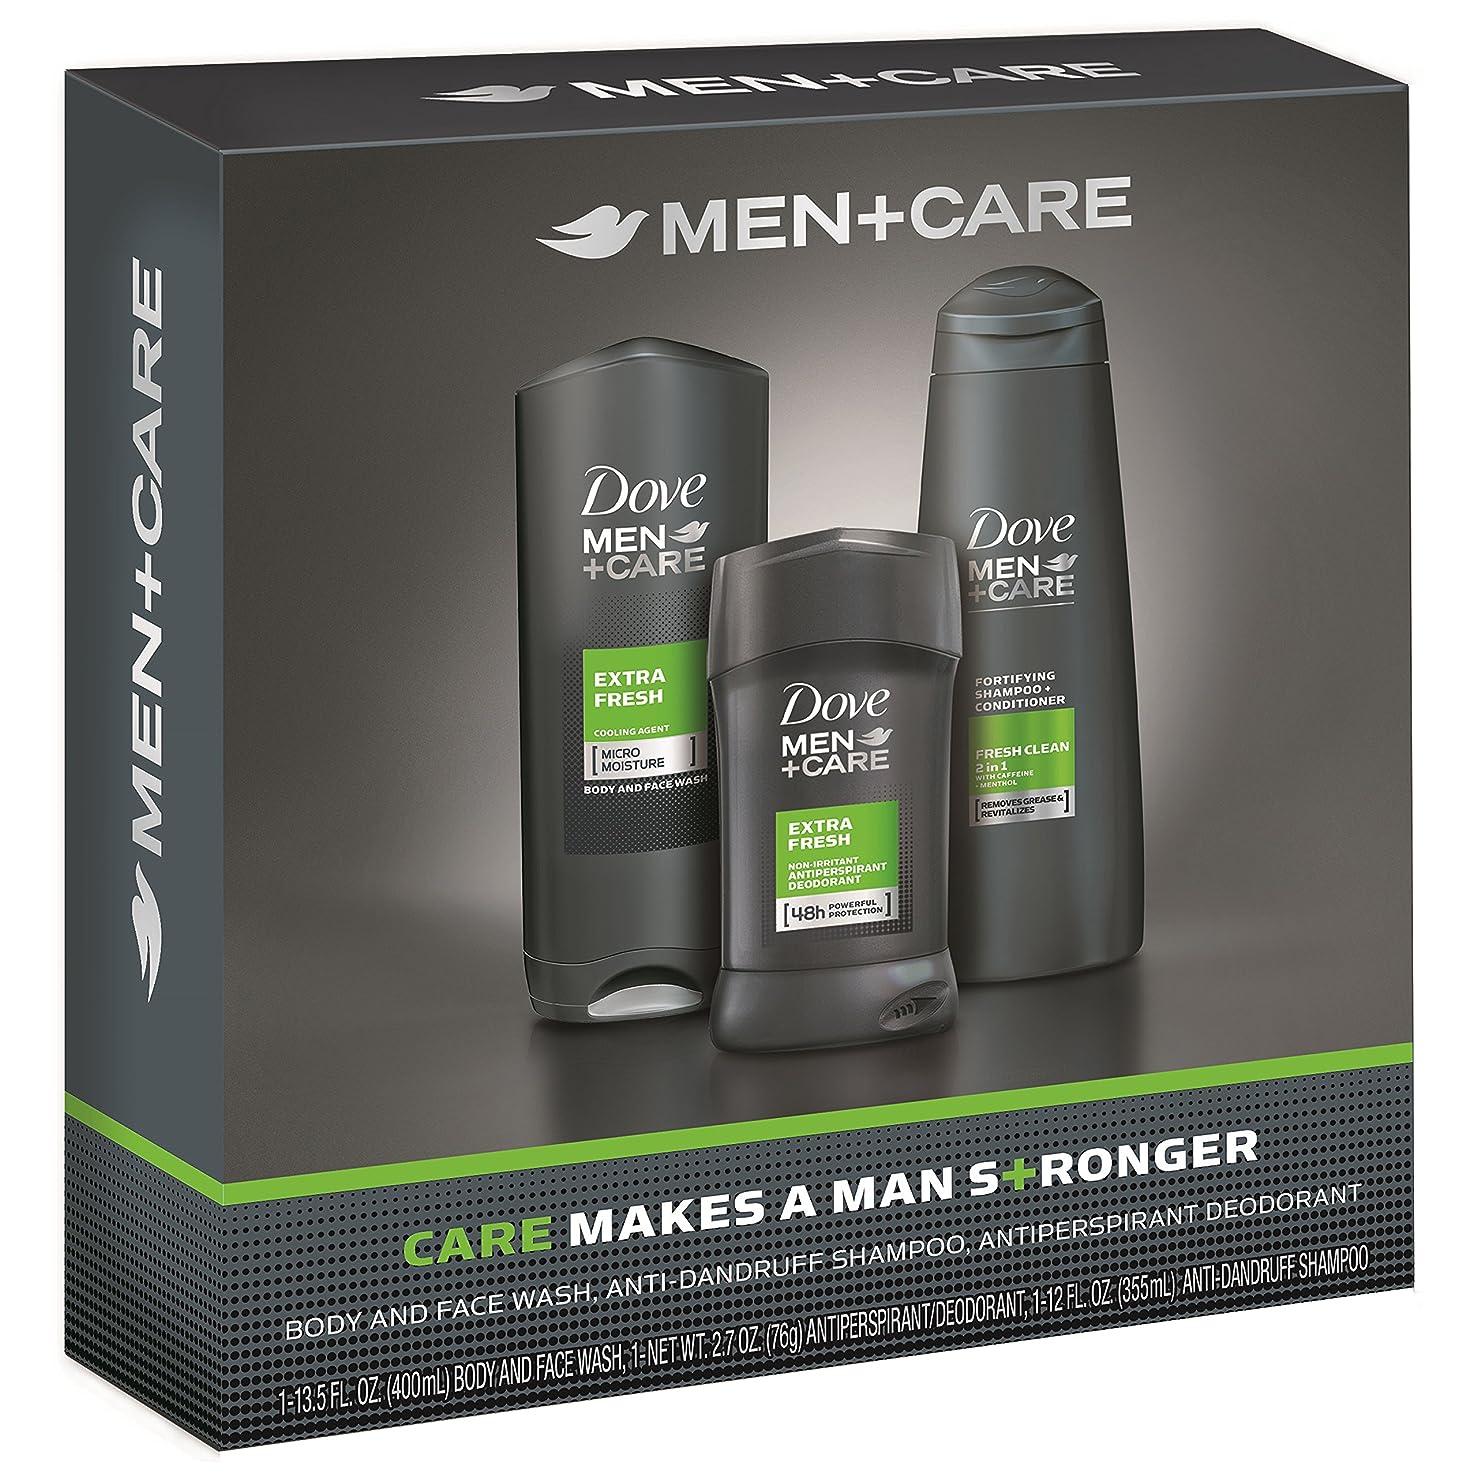 アンケート動アリDove Men+Care Gift Pack Extra Fresh ダブ メンプラスケア ギフトパック エクストラフレッシュ